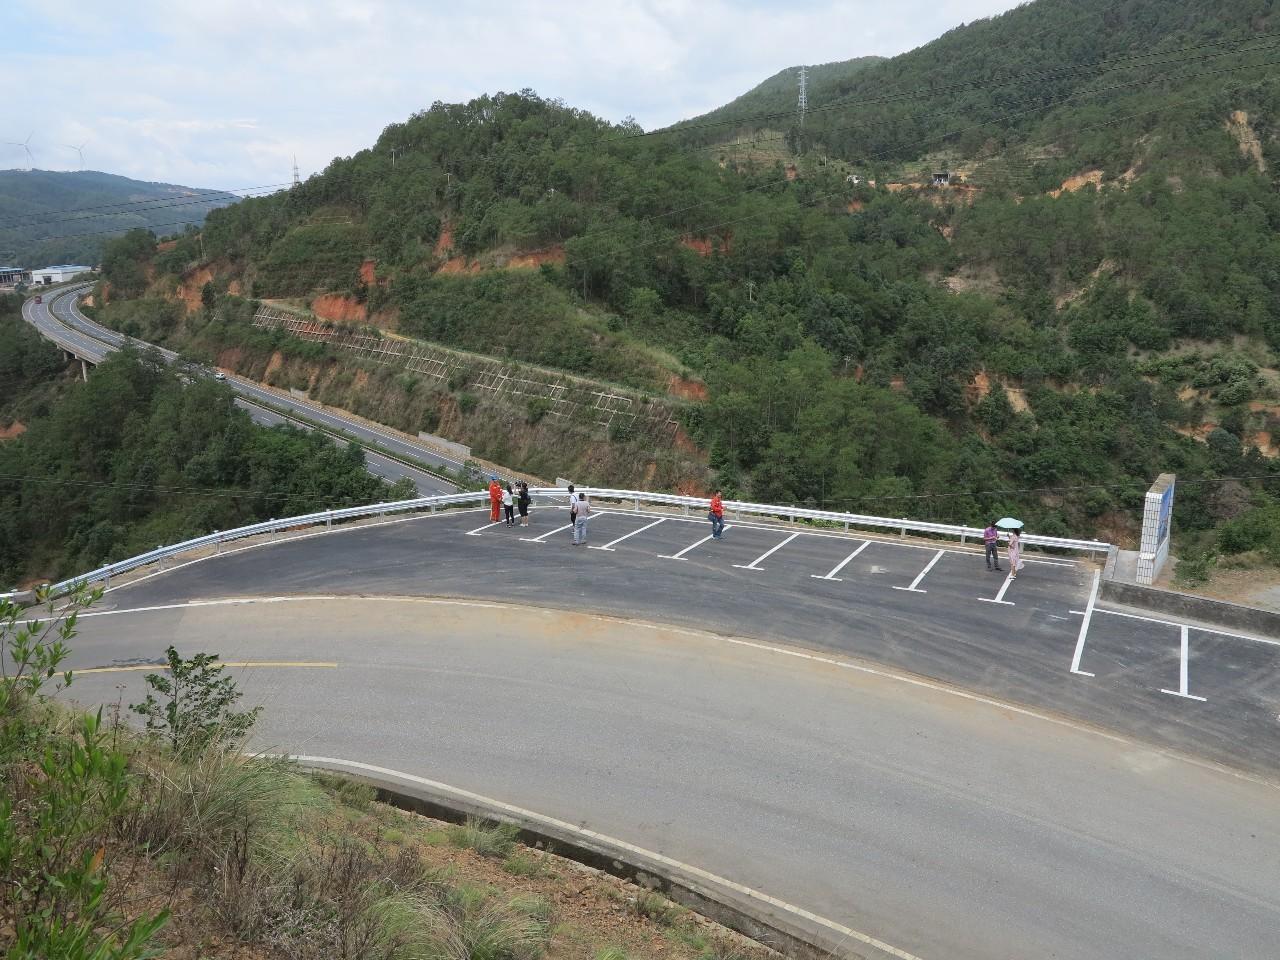 对省道214线大田至平地段道路沿线的24处垮塌的路基、挡墙、1处道路严重损毁断道、5处路堑边坡进行治理,修复及完善排水设施,恢复路基、路面、安防设施。 3、省道216线冷水箐至同德段(K668+050-K690+260)恢复重建工程: